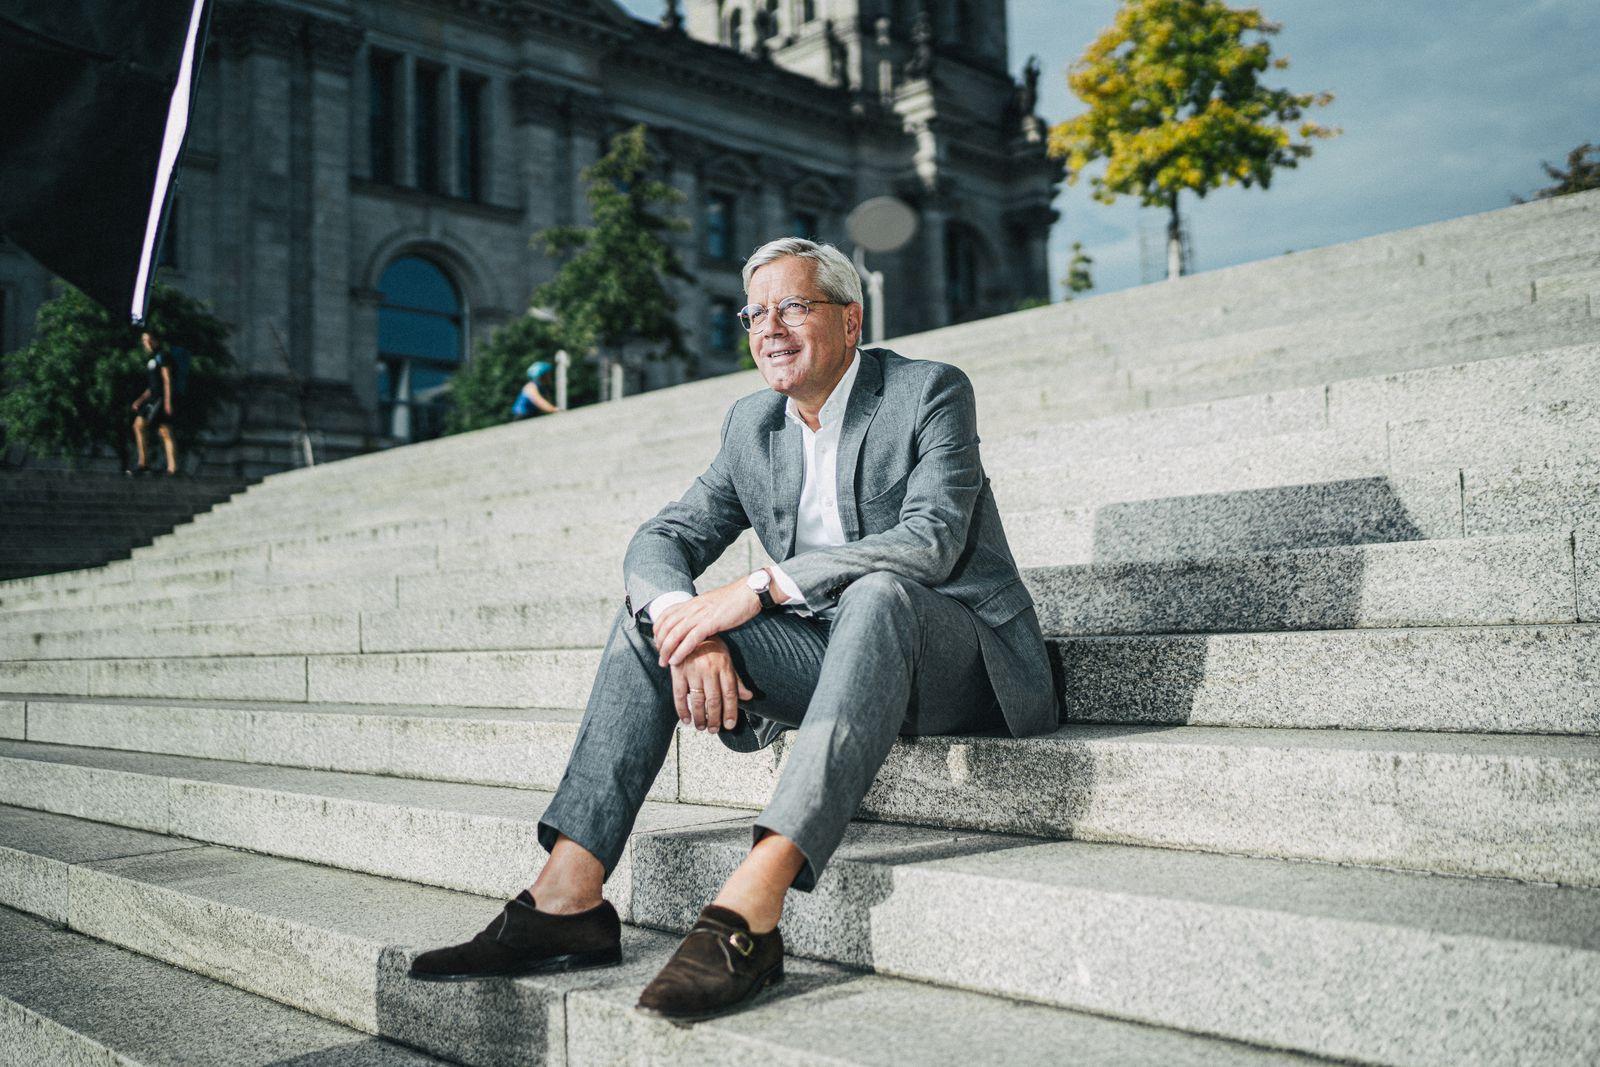 CDU-Poltiker Norbert Röttgen, MdB und Vorsitzender des Auswärtigen Ausschusses, Bewerber auf das Amt des CDU-Vorsitzenden, fotografiert neben dem Bundestag in Berlin